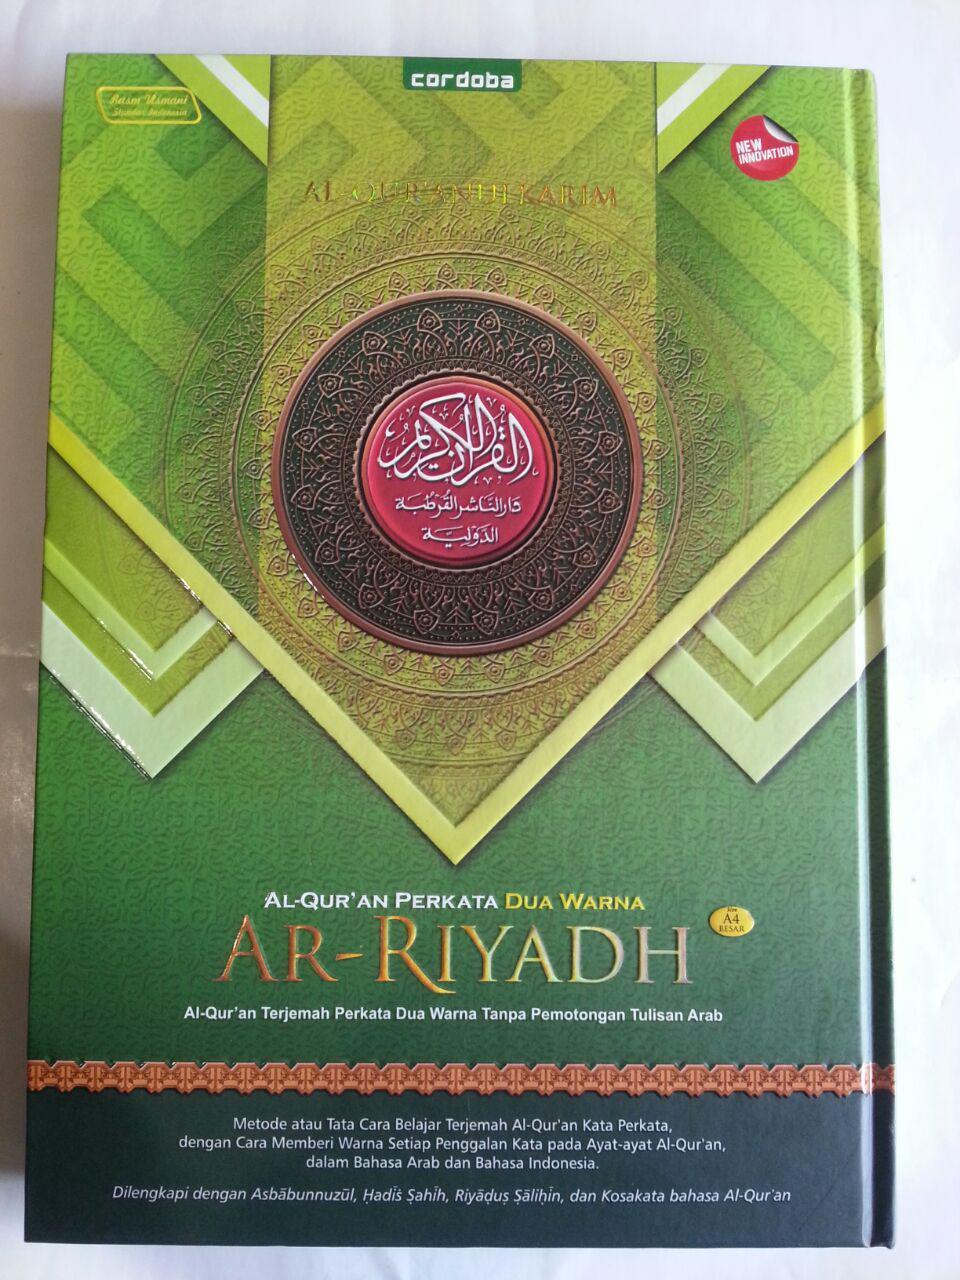 Al-Qur'an Perkata Dua Warna Ar-Riyadh Ukuran A4 cover